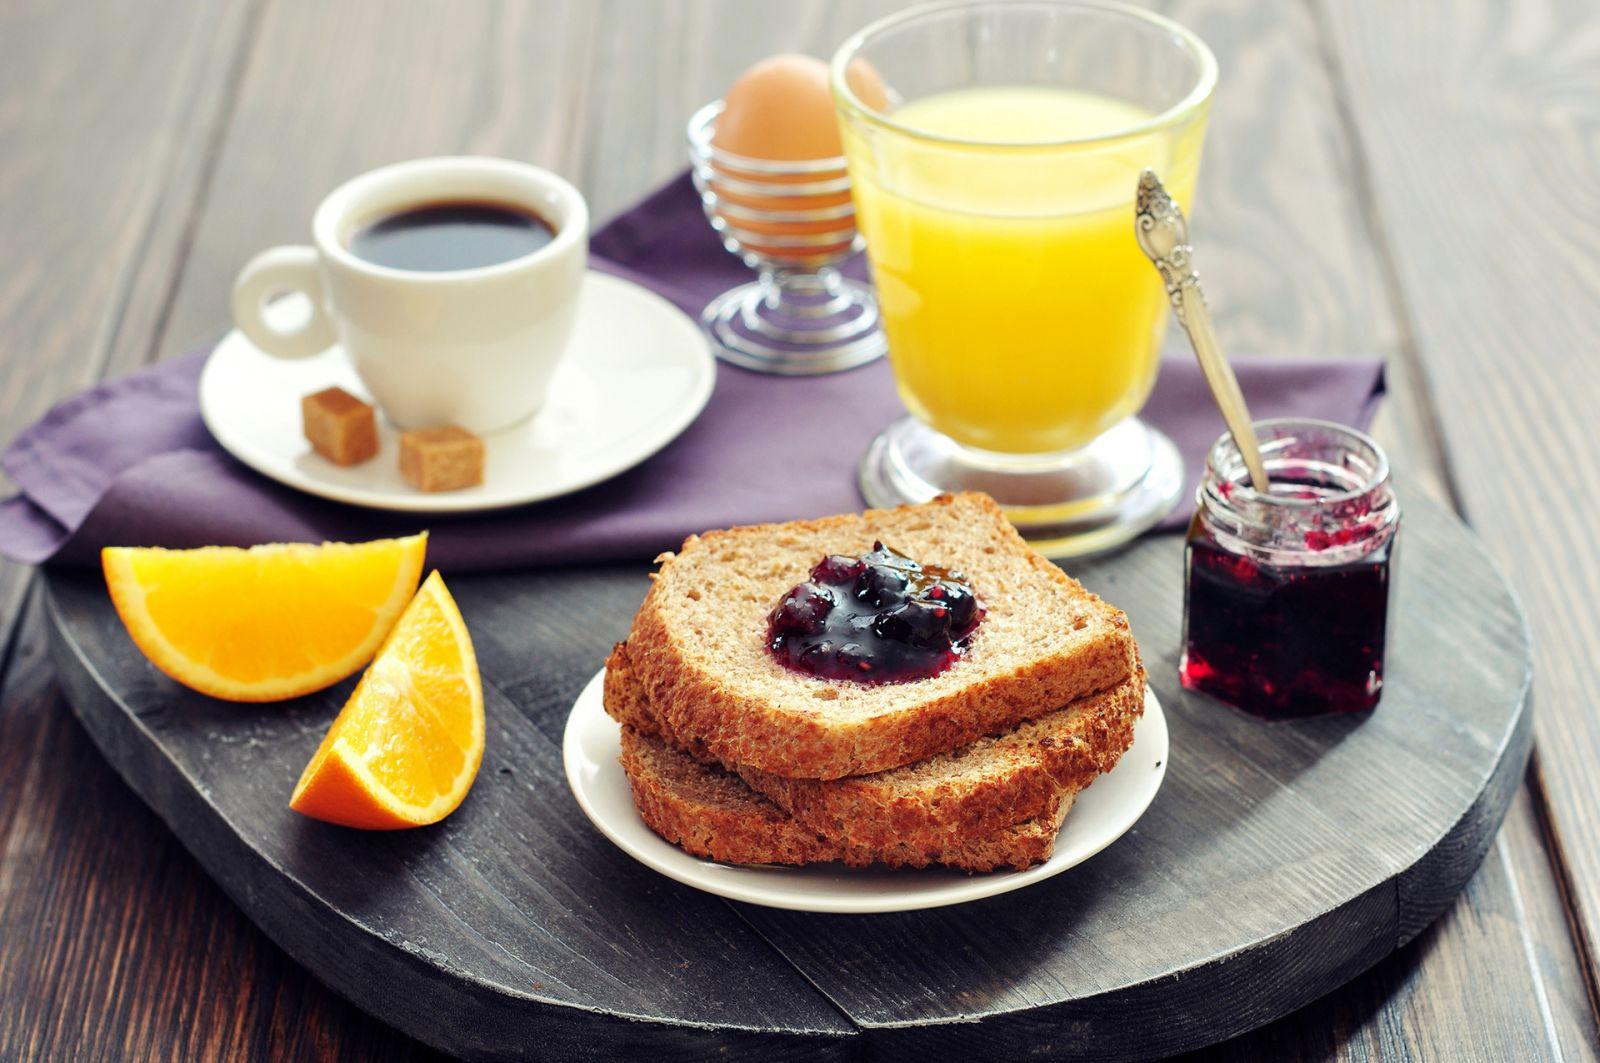 Những loại thực phẩm lành mạnh cho bữa sáng của trẻ - Ảnh 2